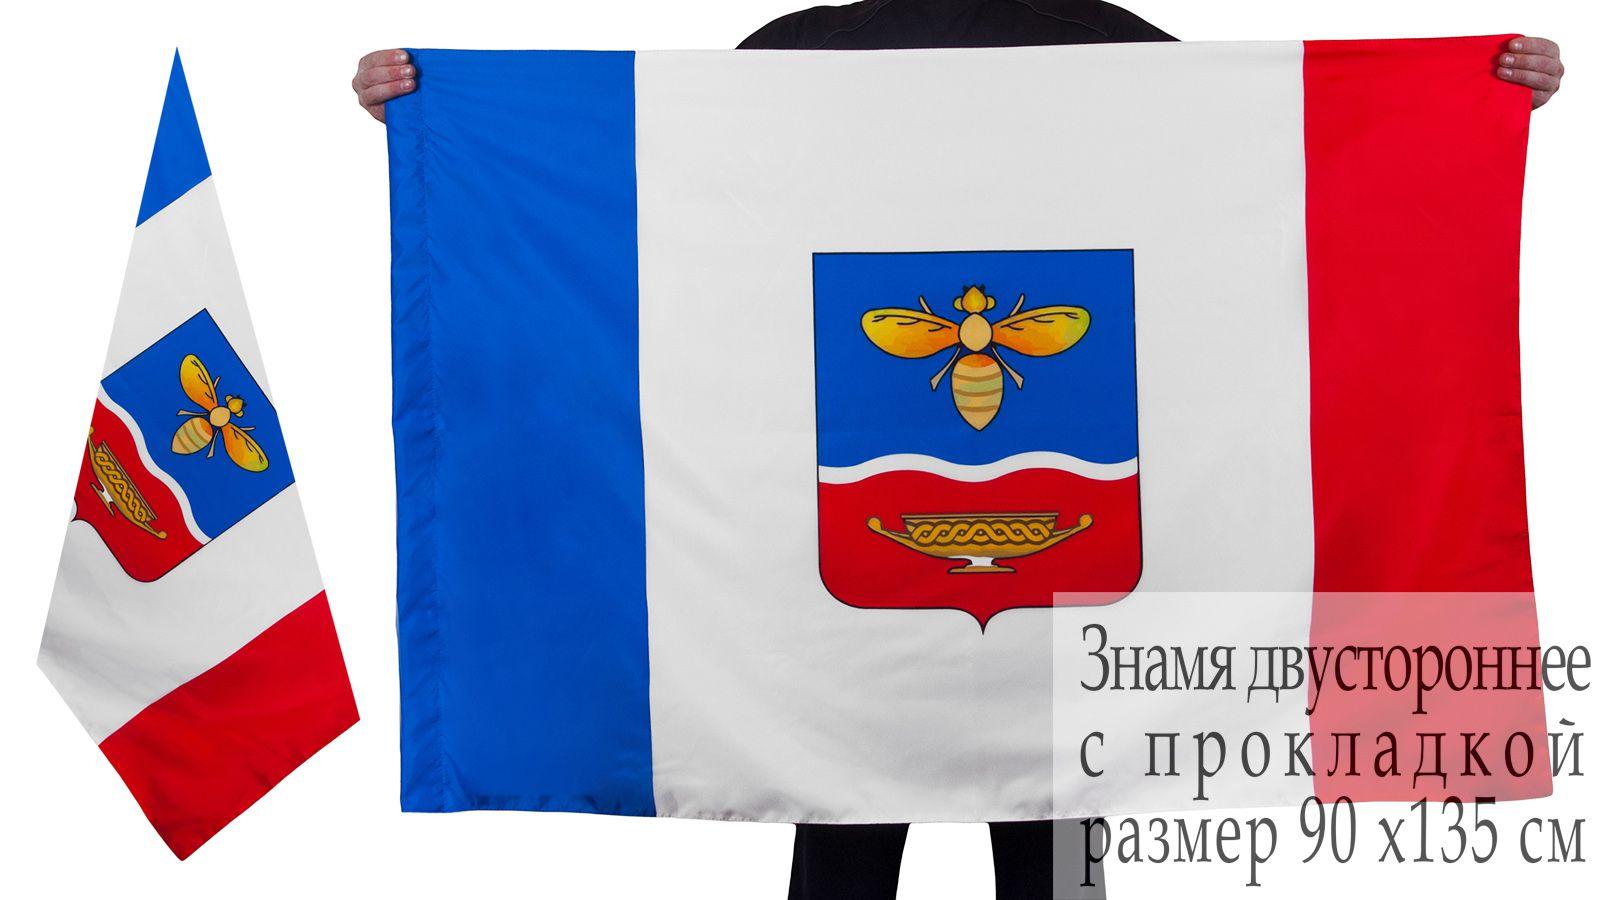 Купить двухсторонний флаг Симферополя онлайн в военторге Военпро